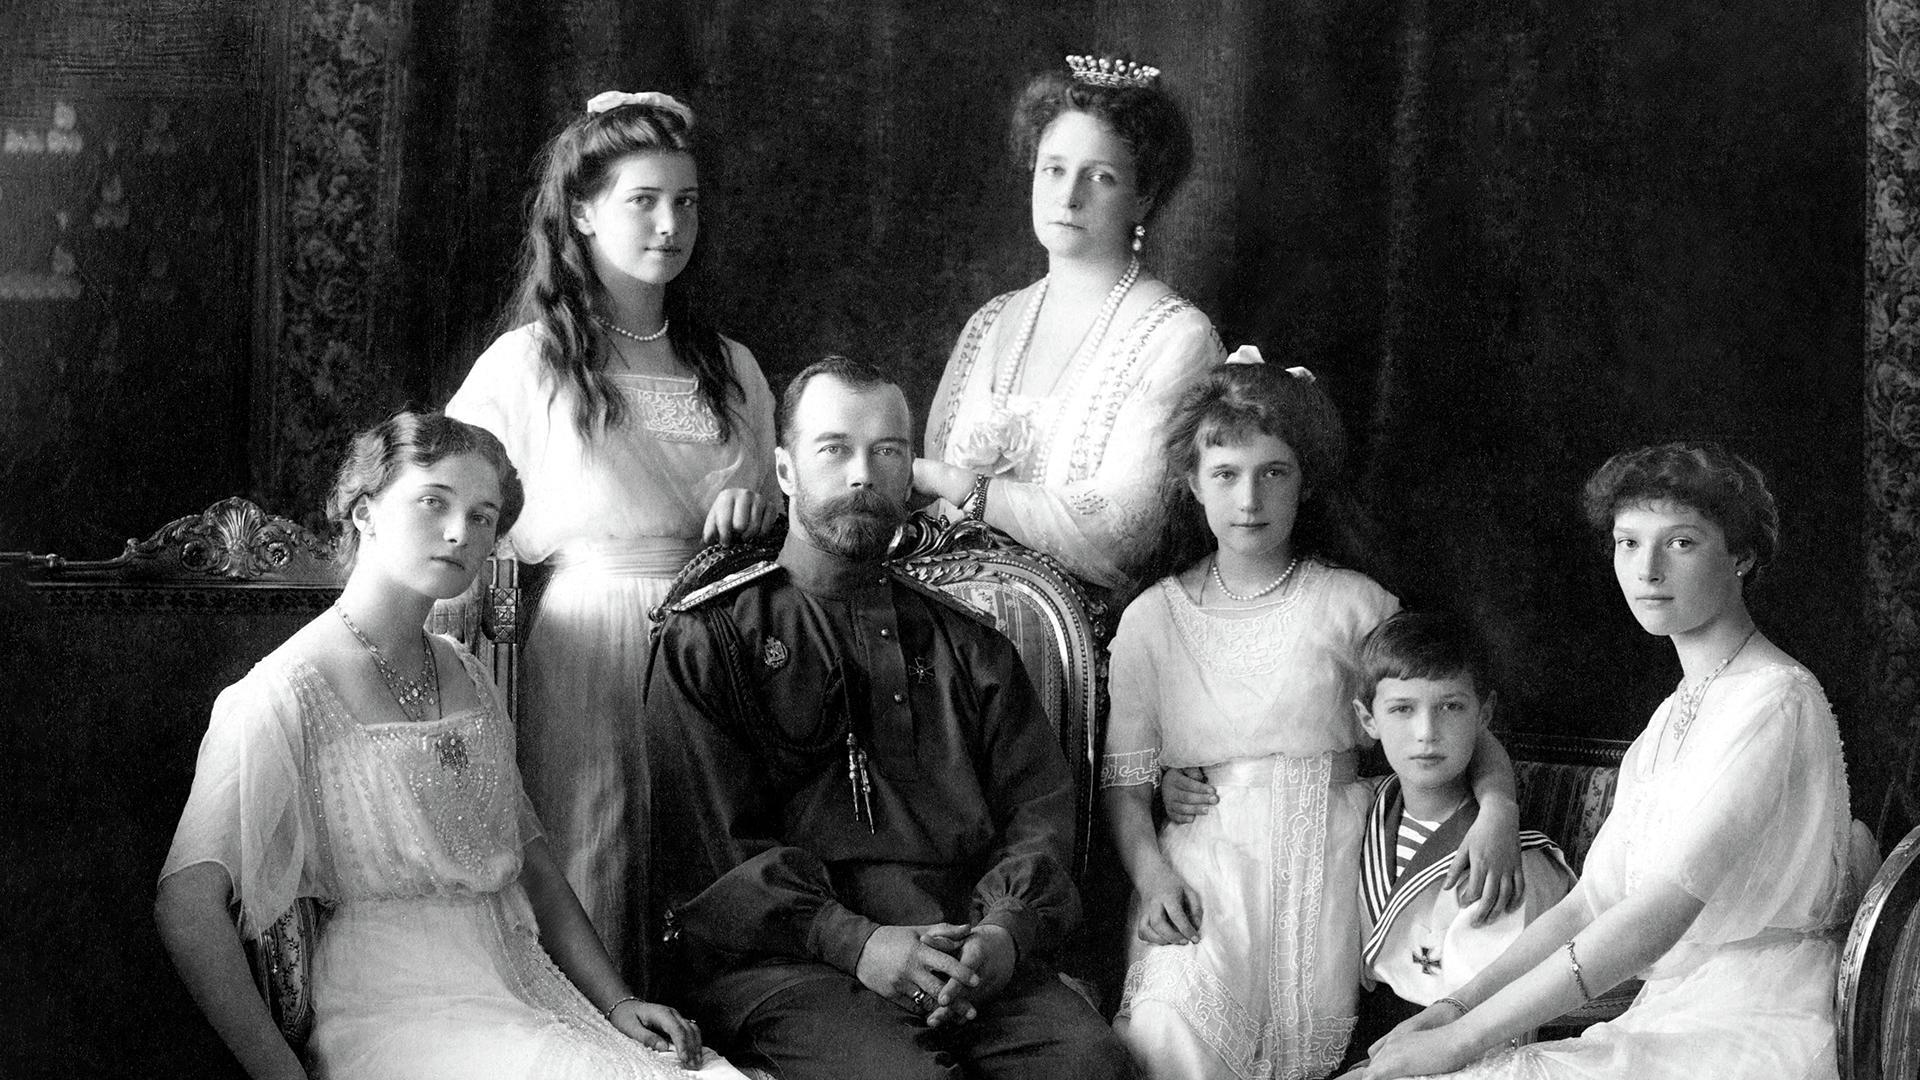 20200717_00-01-«Можно предположить, что есть еще одно или несколько захоронений»-pic01~Russian_Imperial_Family_1913